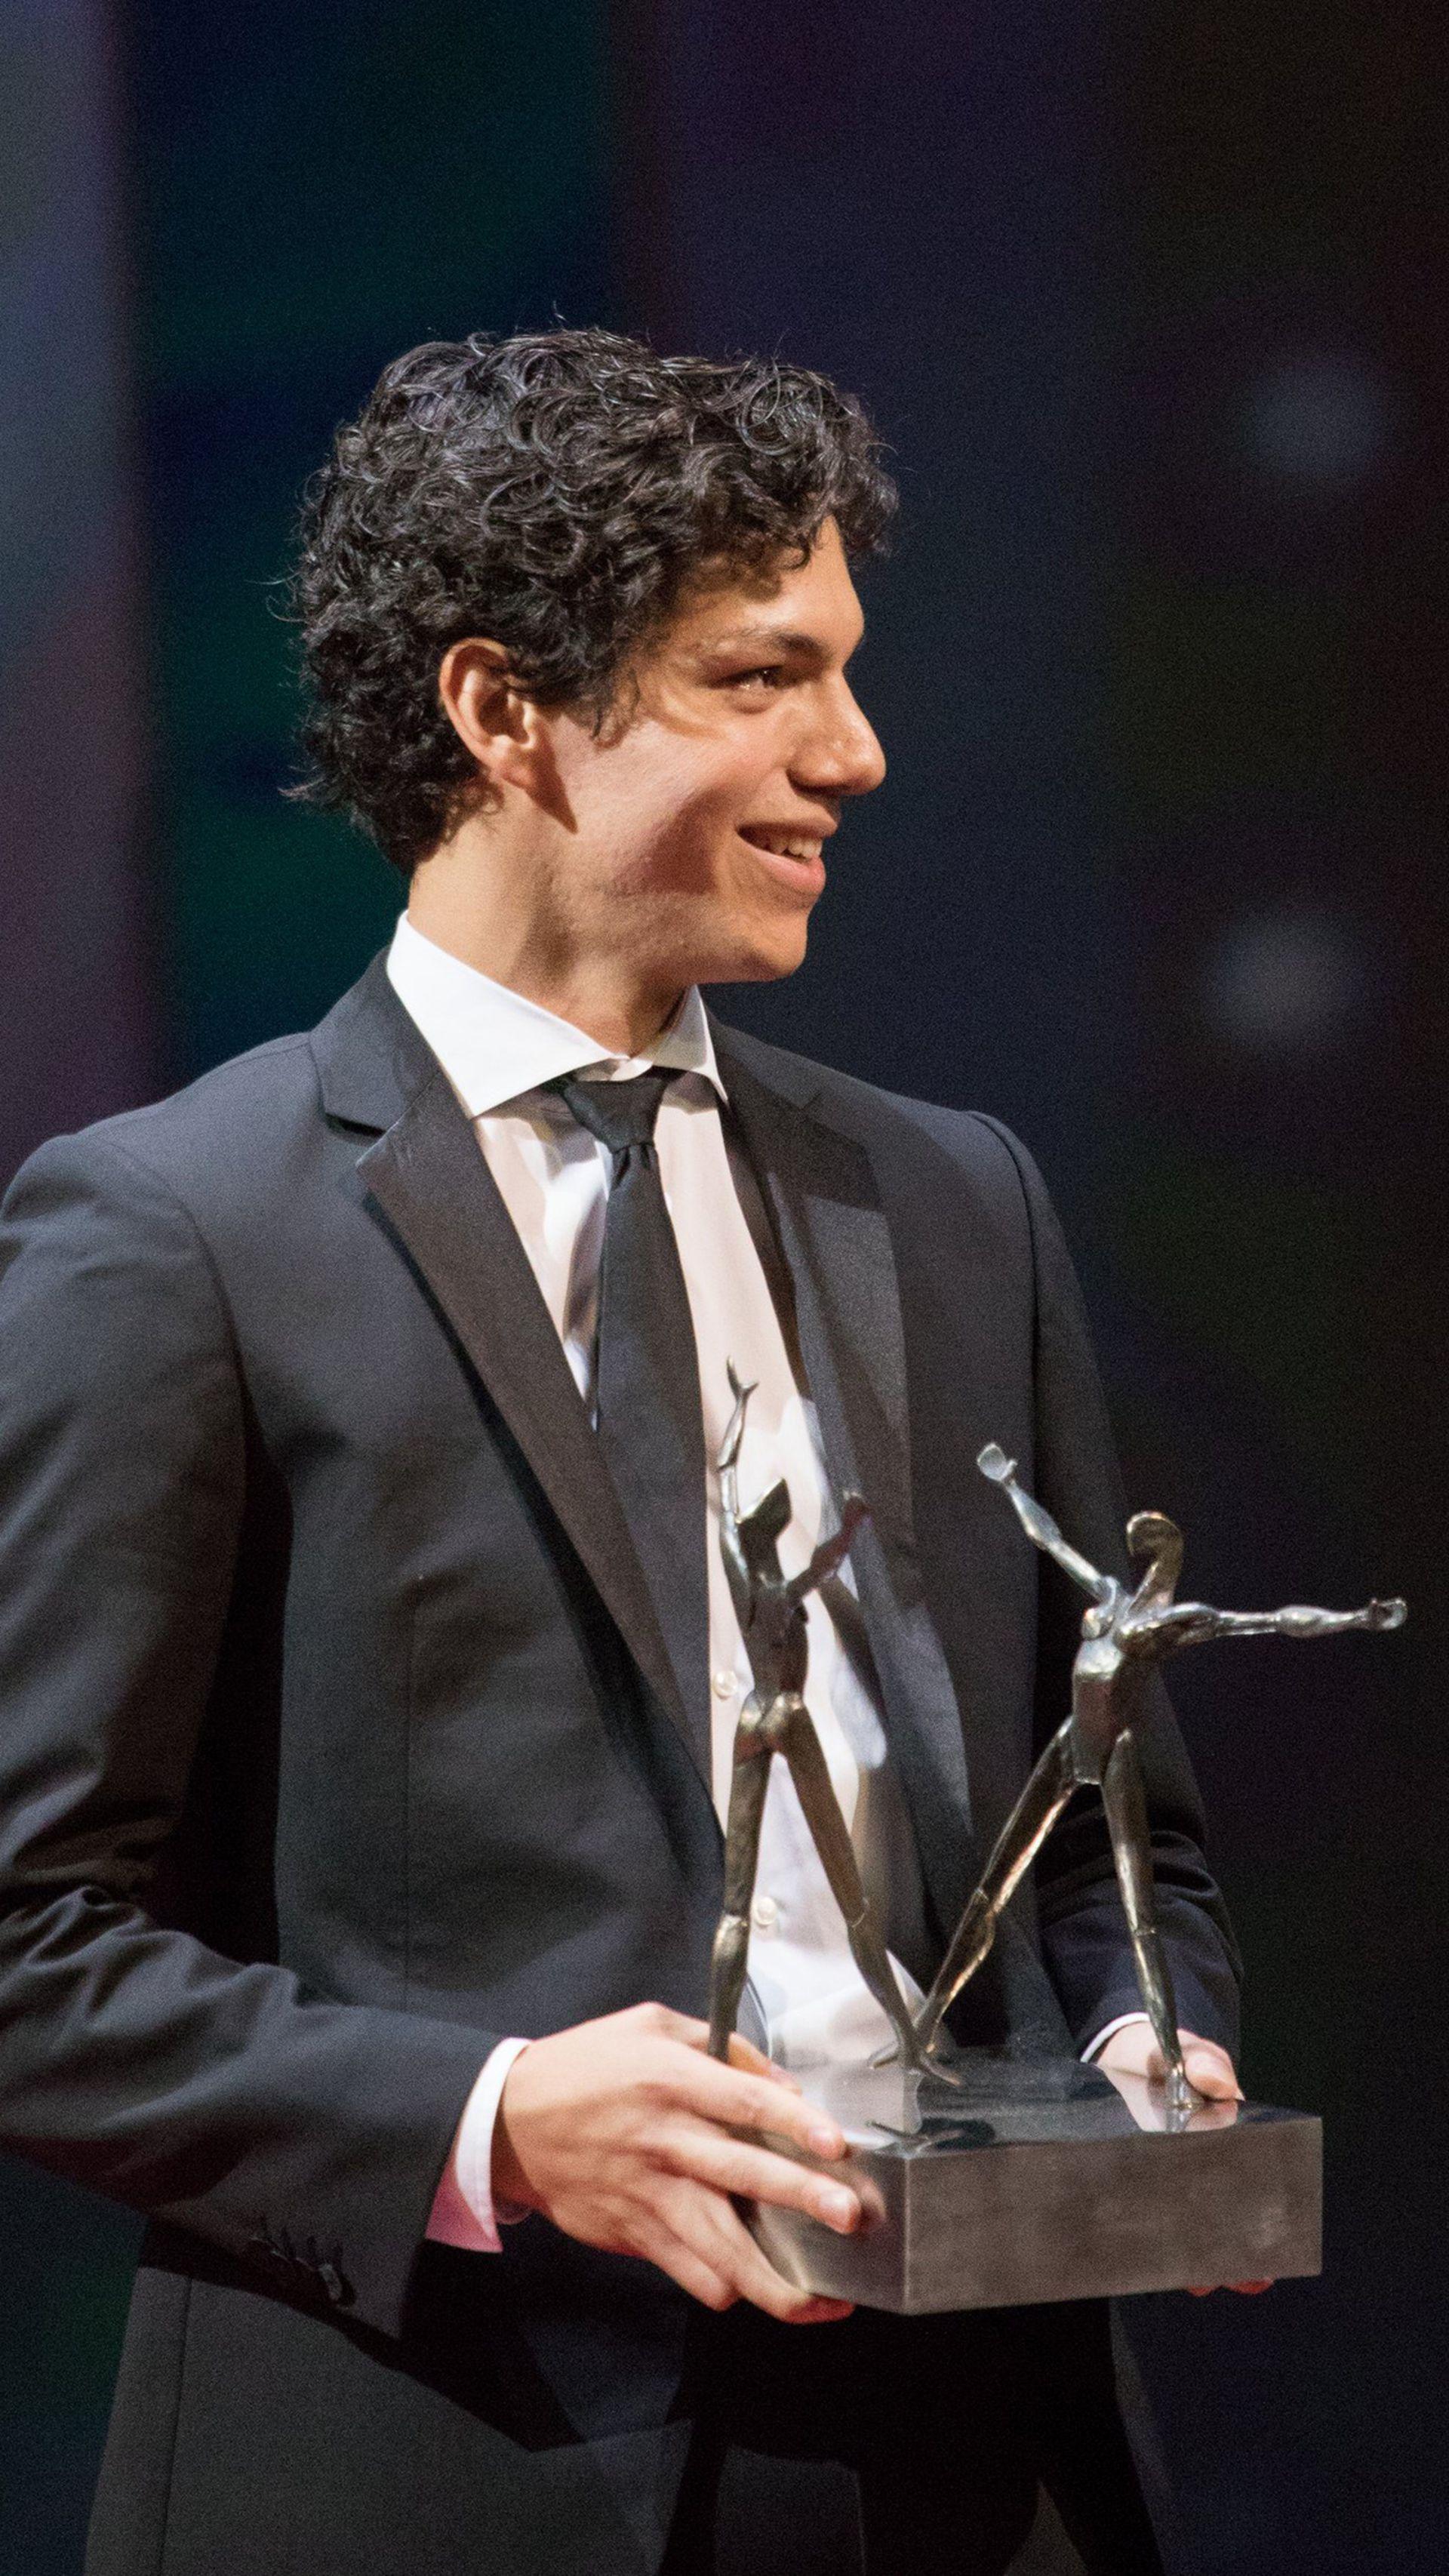 En junio de 2018 Hernández recibió el premio Benois de la Danse como mejor bailarín